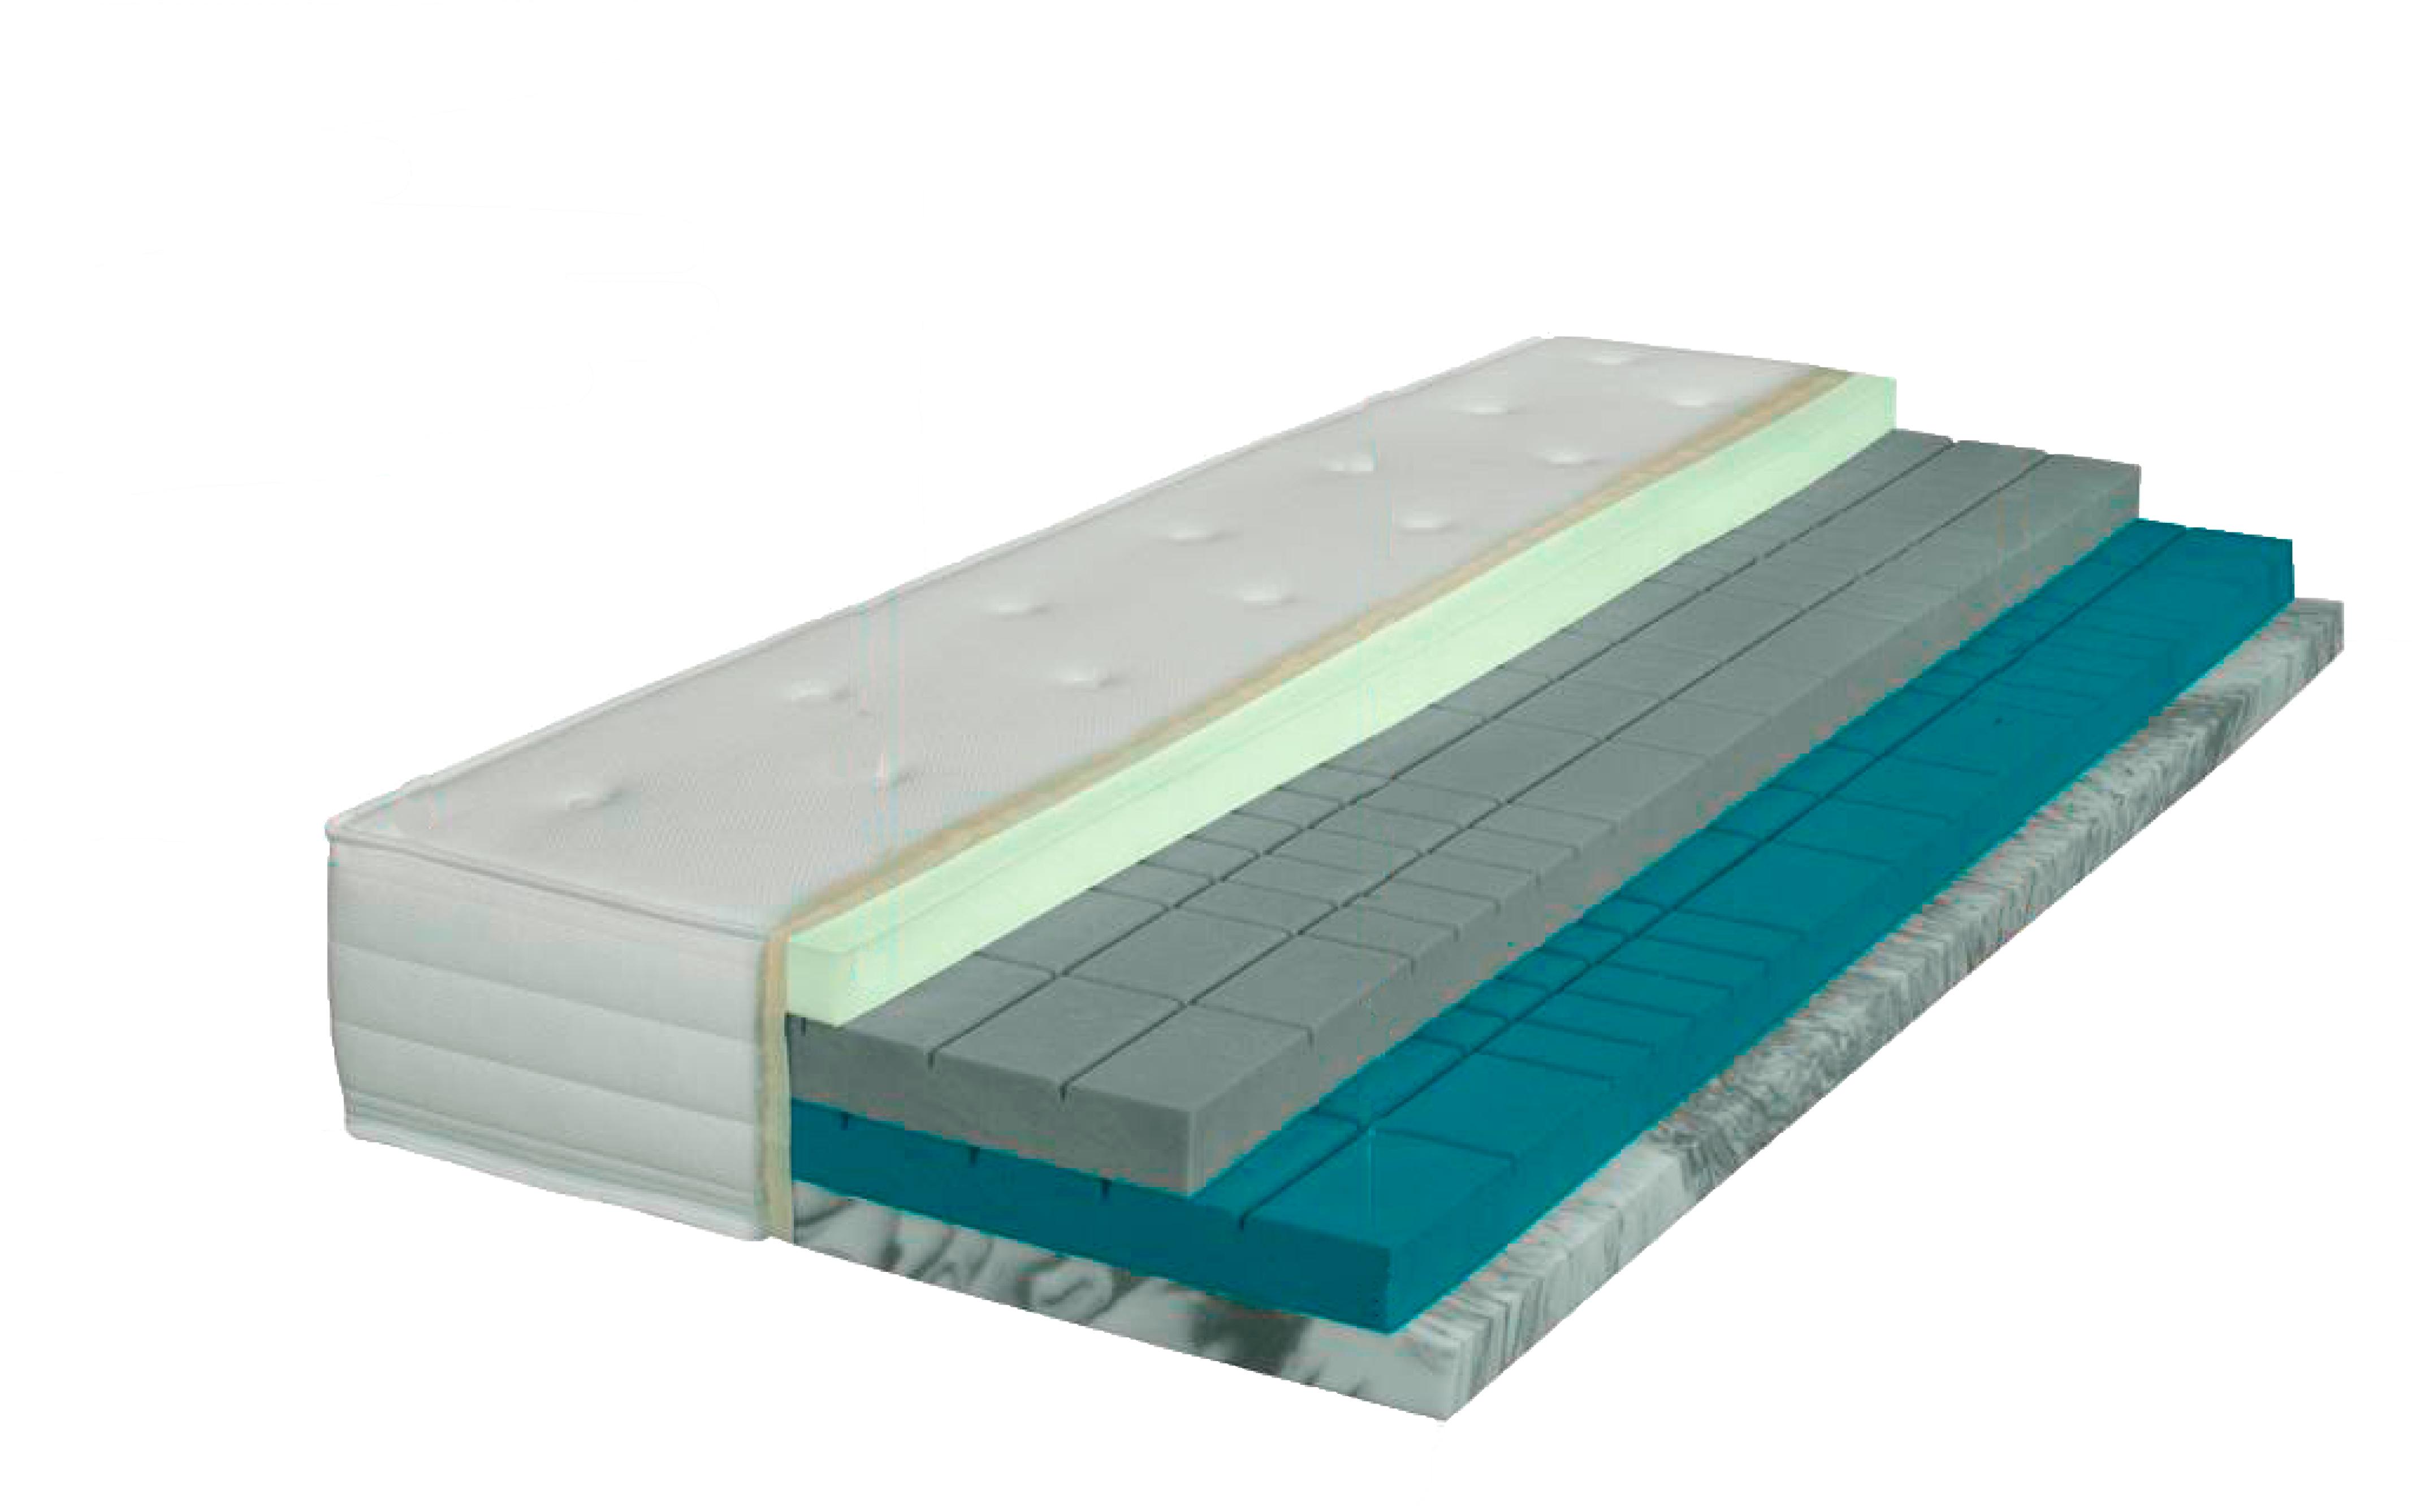 boxspring matratzengesch ft finden sie die geeignete matratze f r sie. Black Bedroom Furniture Sets. Home Design Ideas